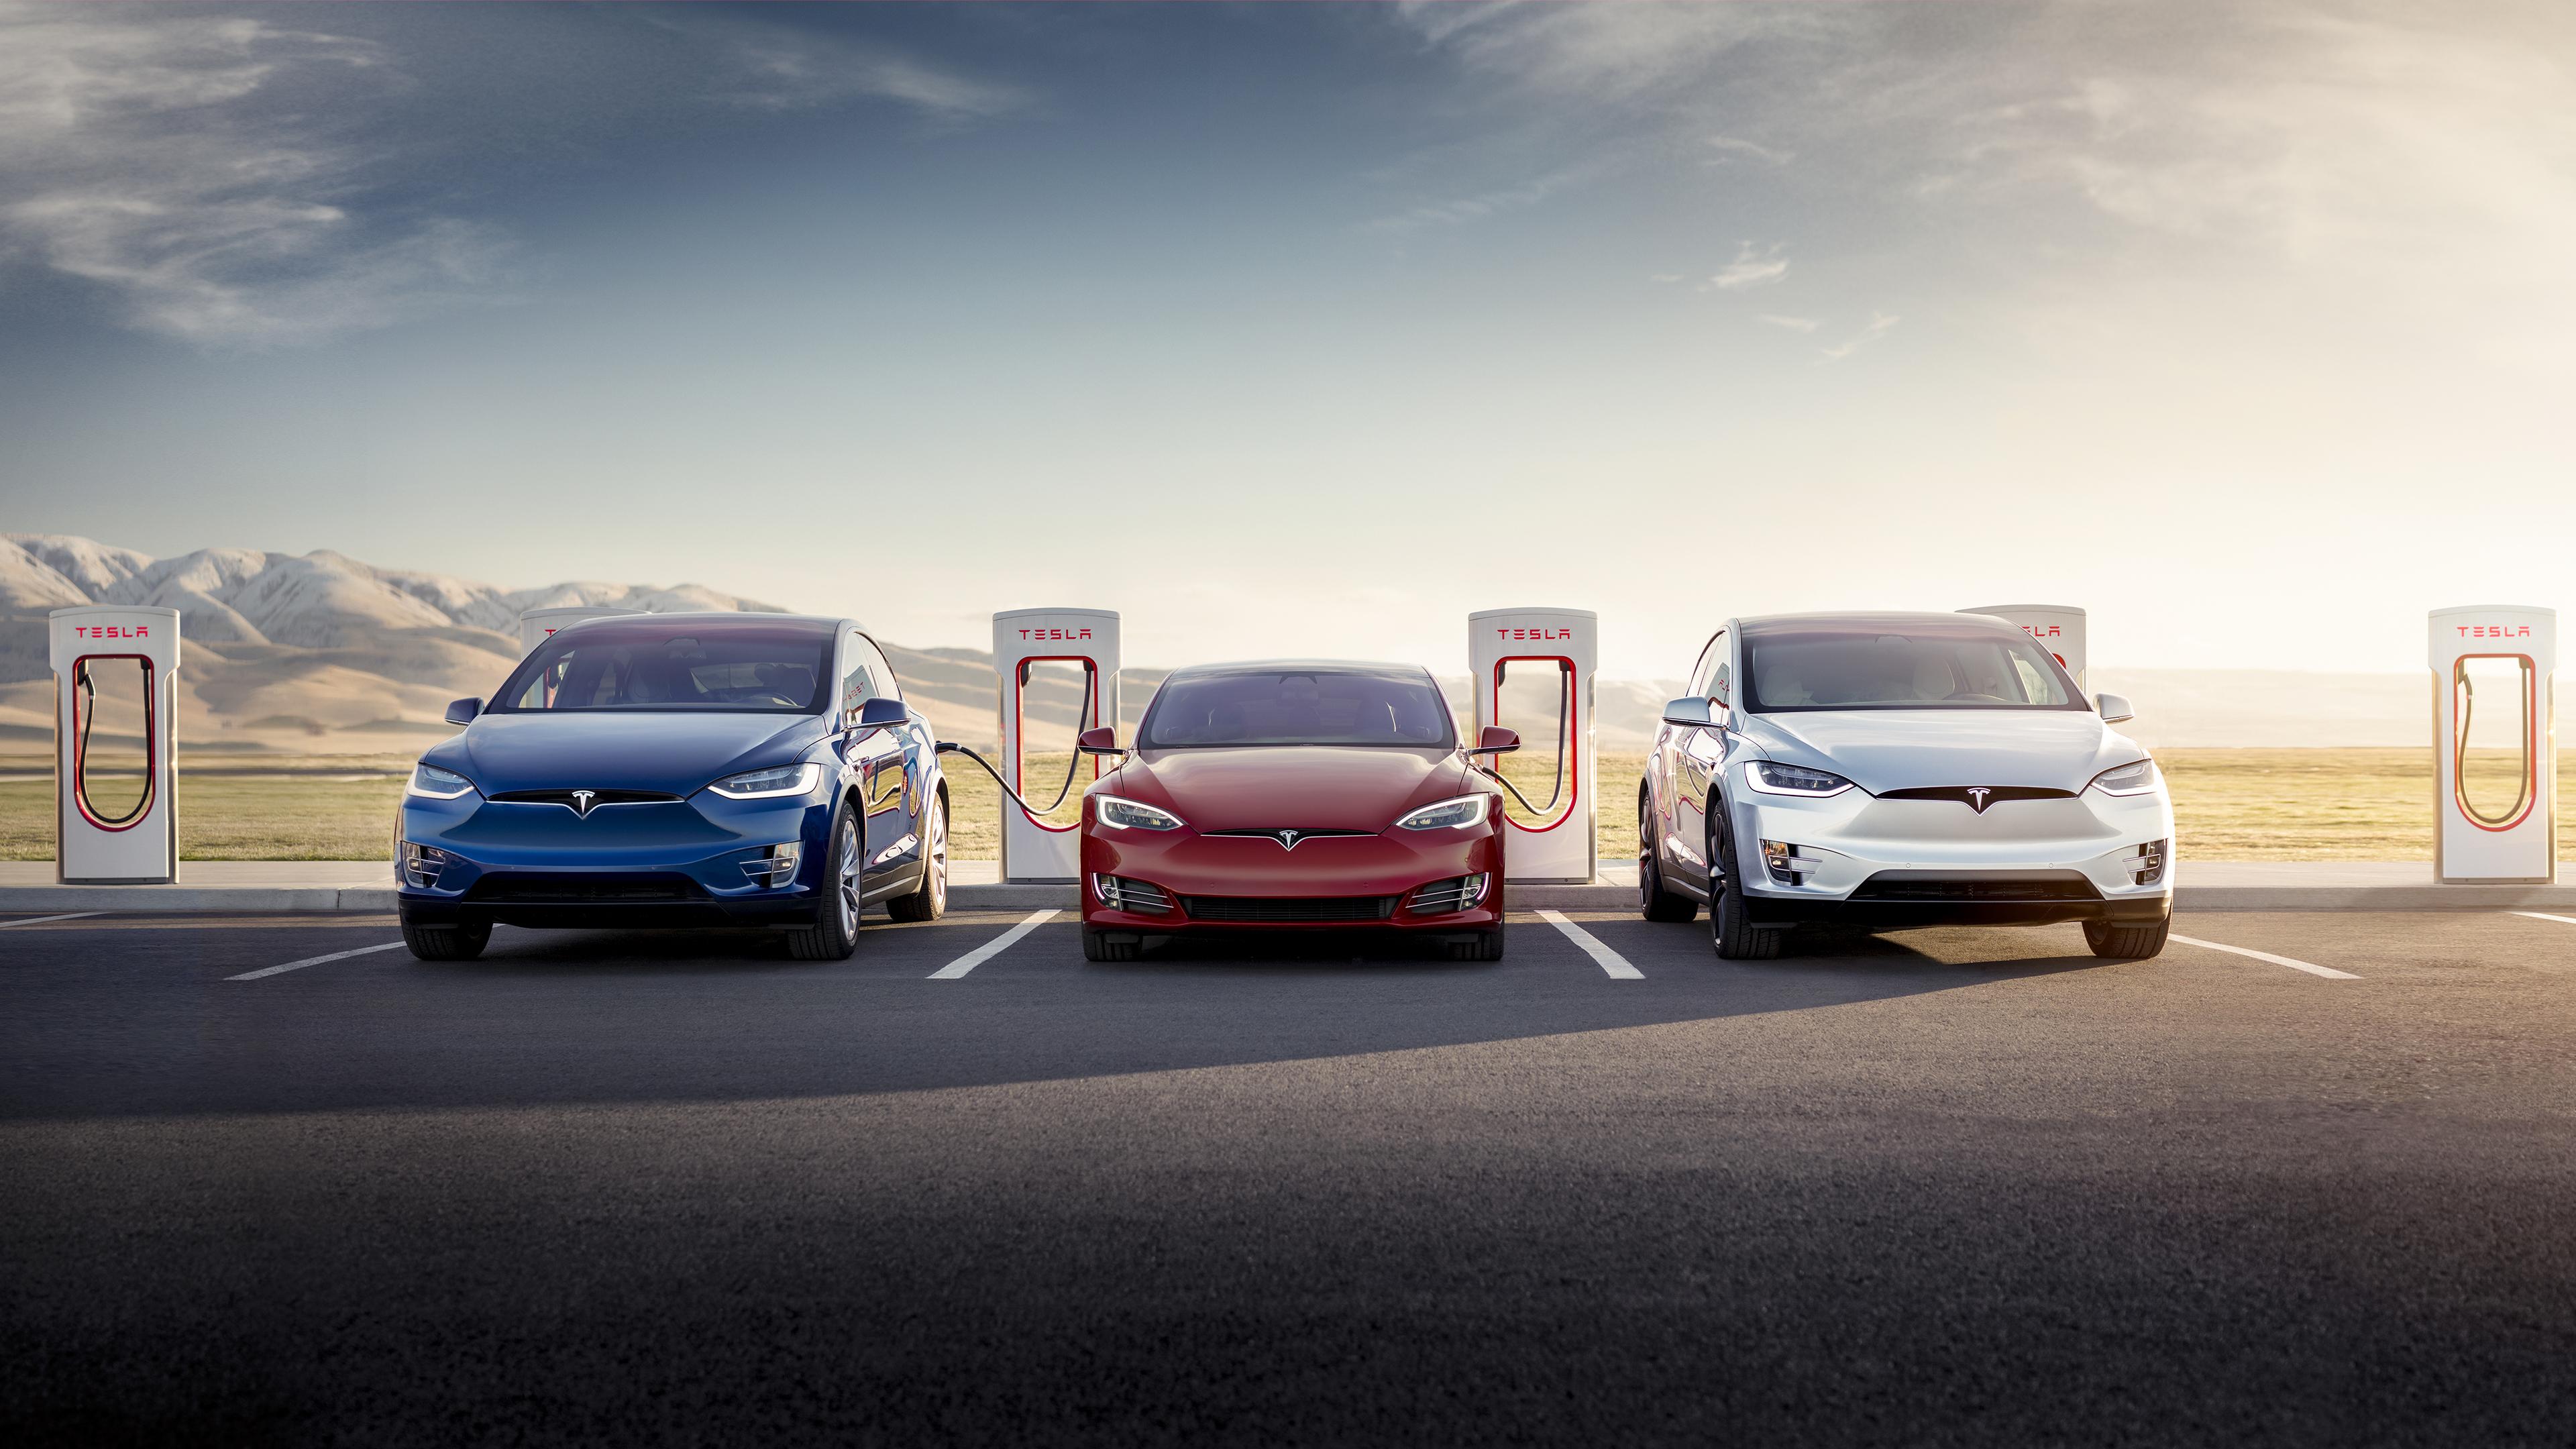 Elon Musk extends Tesla's free supercharging for life offer | TechCrunch